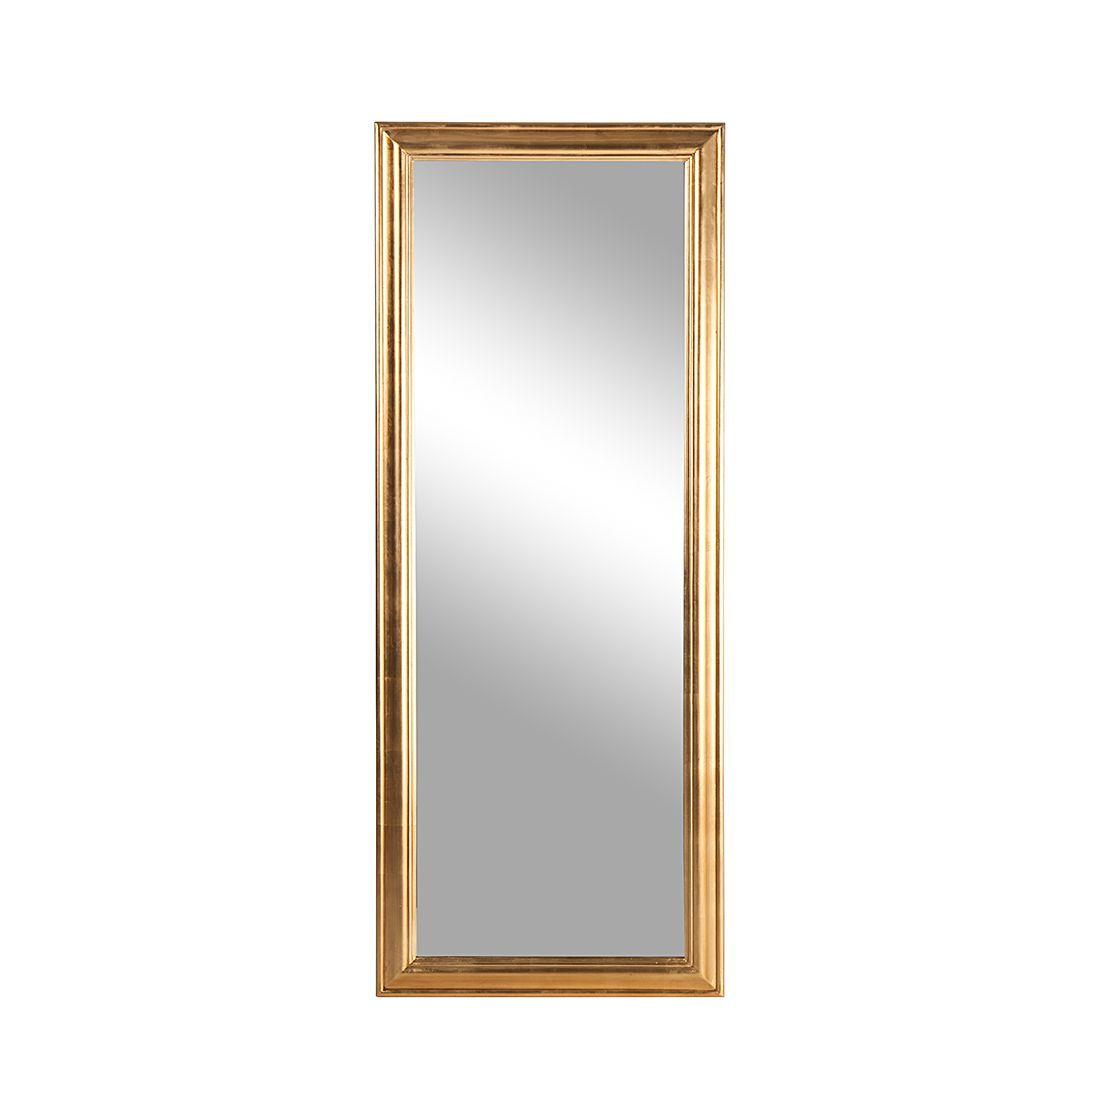 Flure Haus Deko Und Flur Design: Wandspiegel, Spiegel, Flur Spiegel